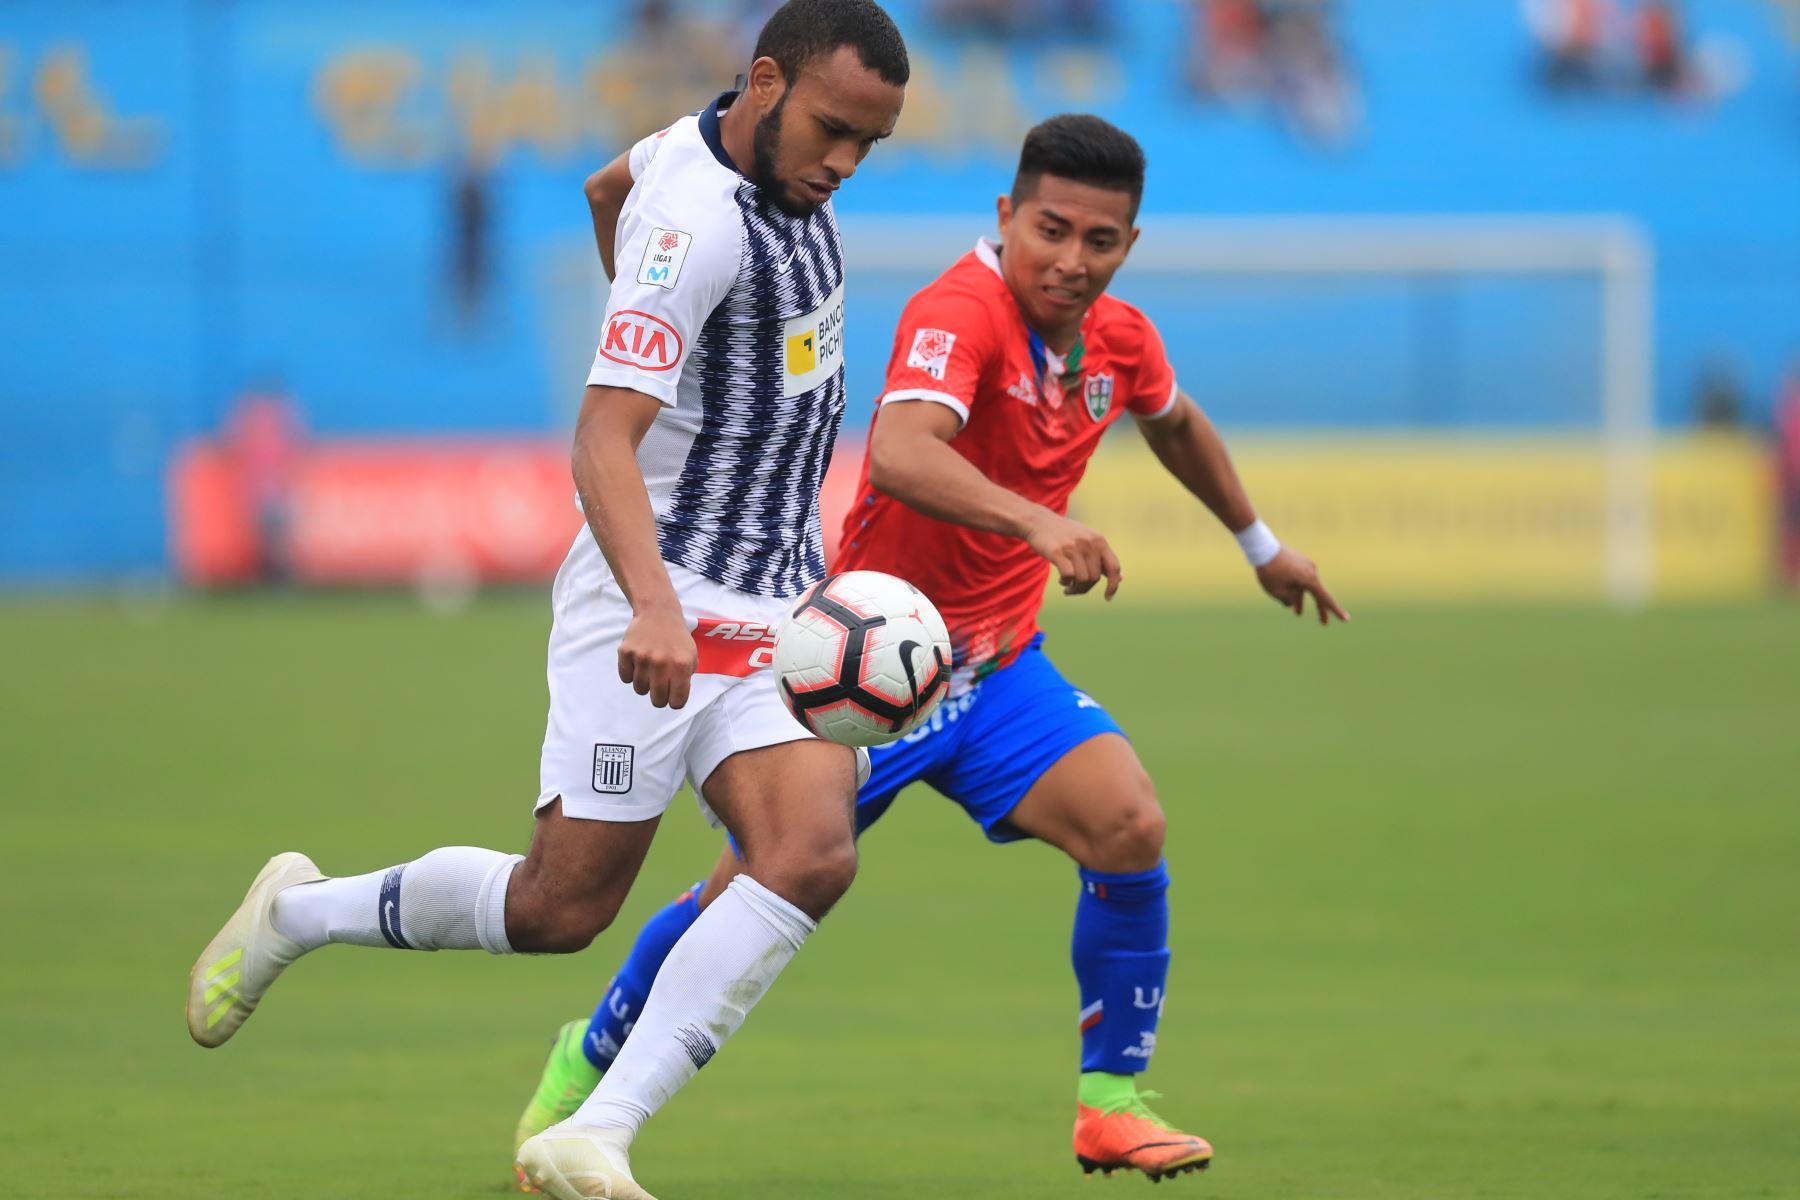 Jugador de Alianza Lima Aldair Salazar . Alianza Lima empató 1-1 ante Unión Comercio   Foto: ANDINA/Juan Carlos Guzmán Negrini.